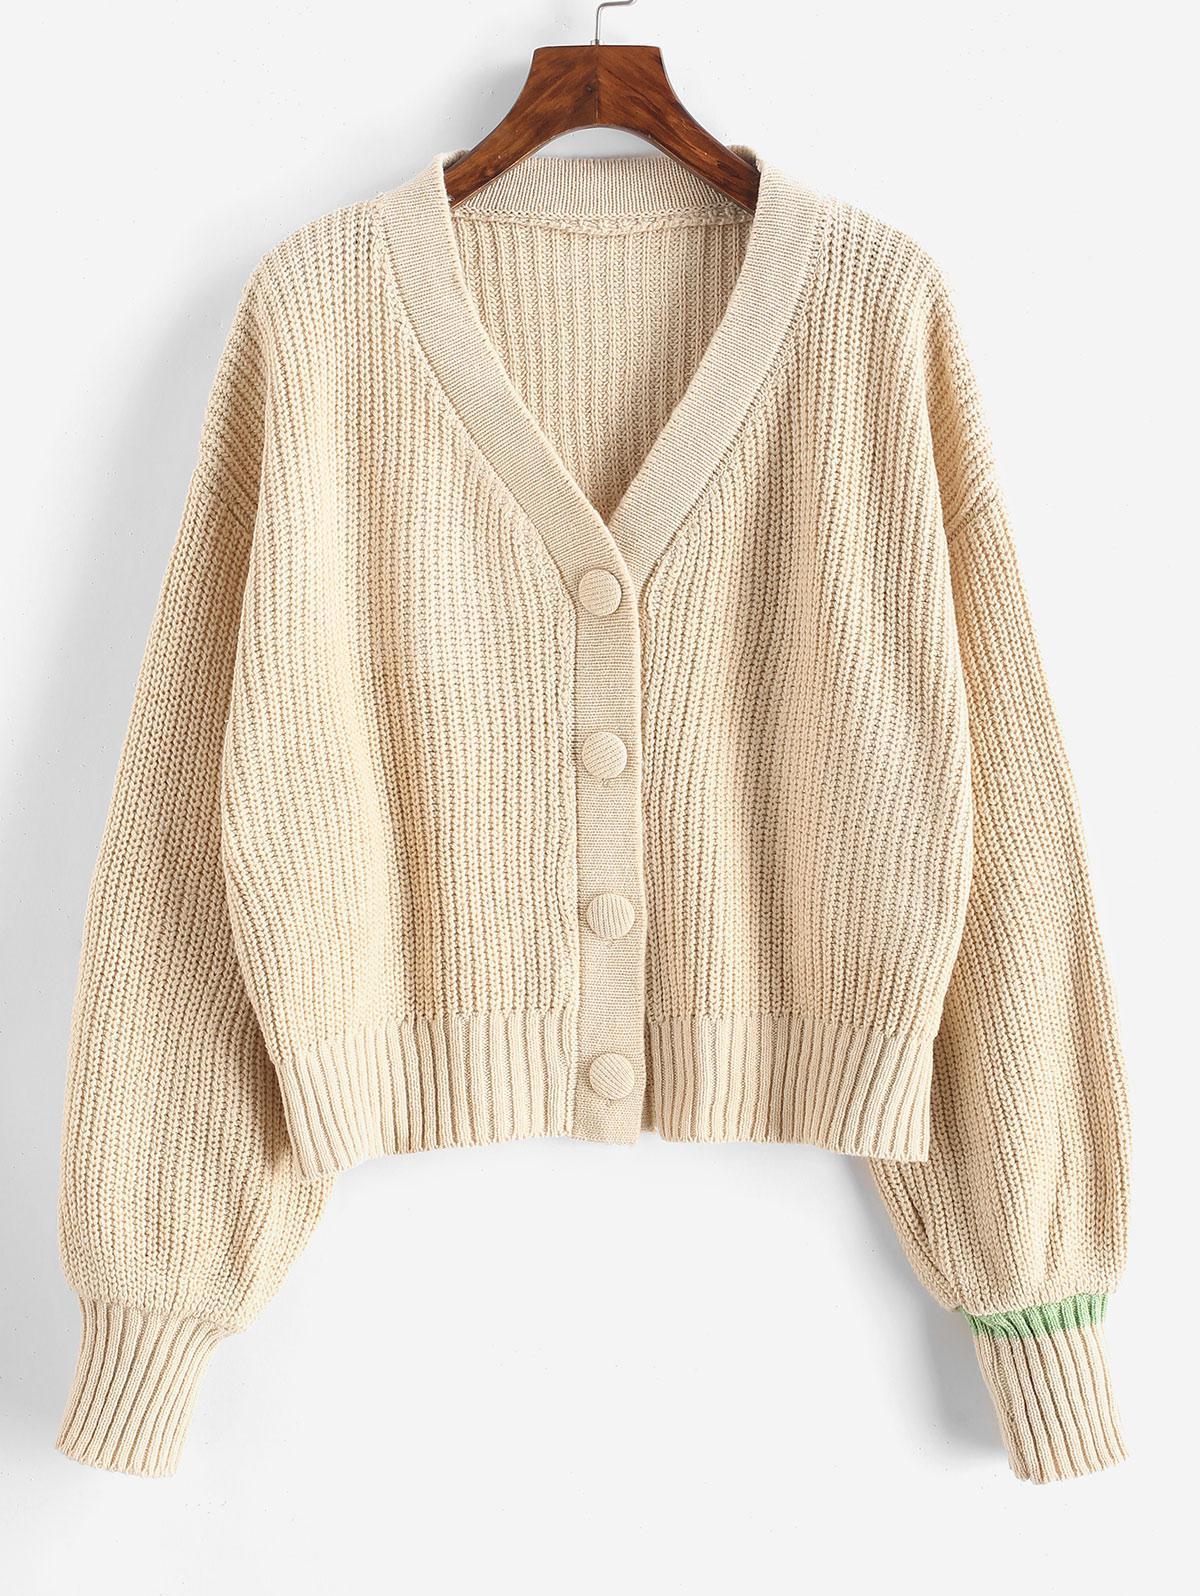 Drop Shoulder V Neck Button Up Cardigan